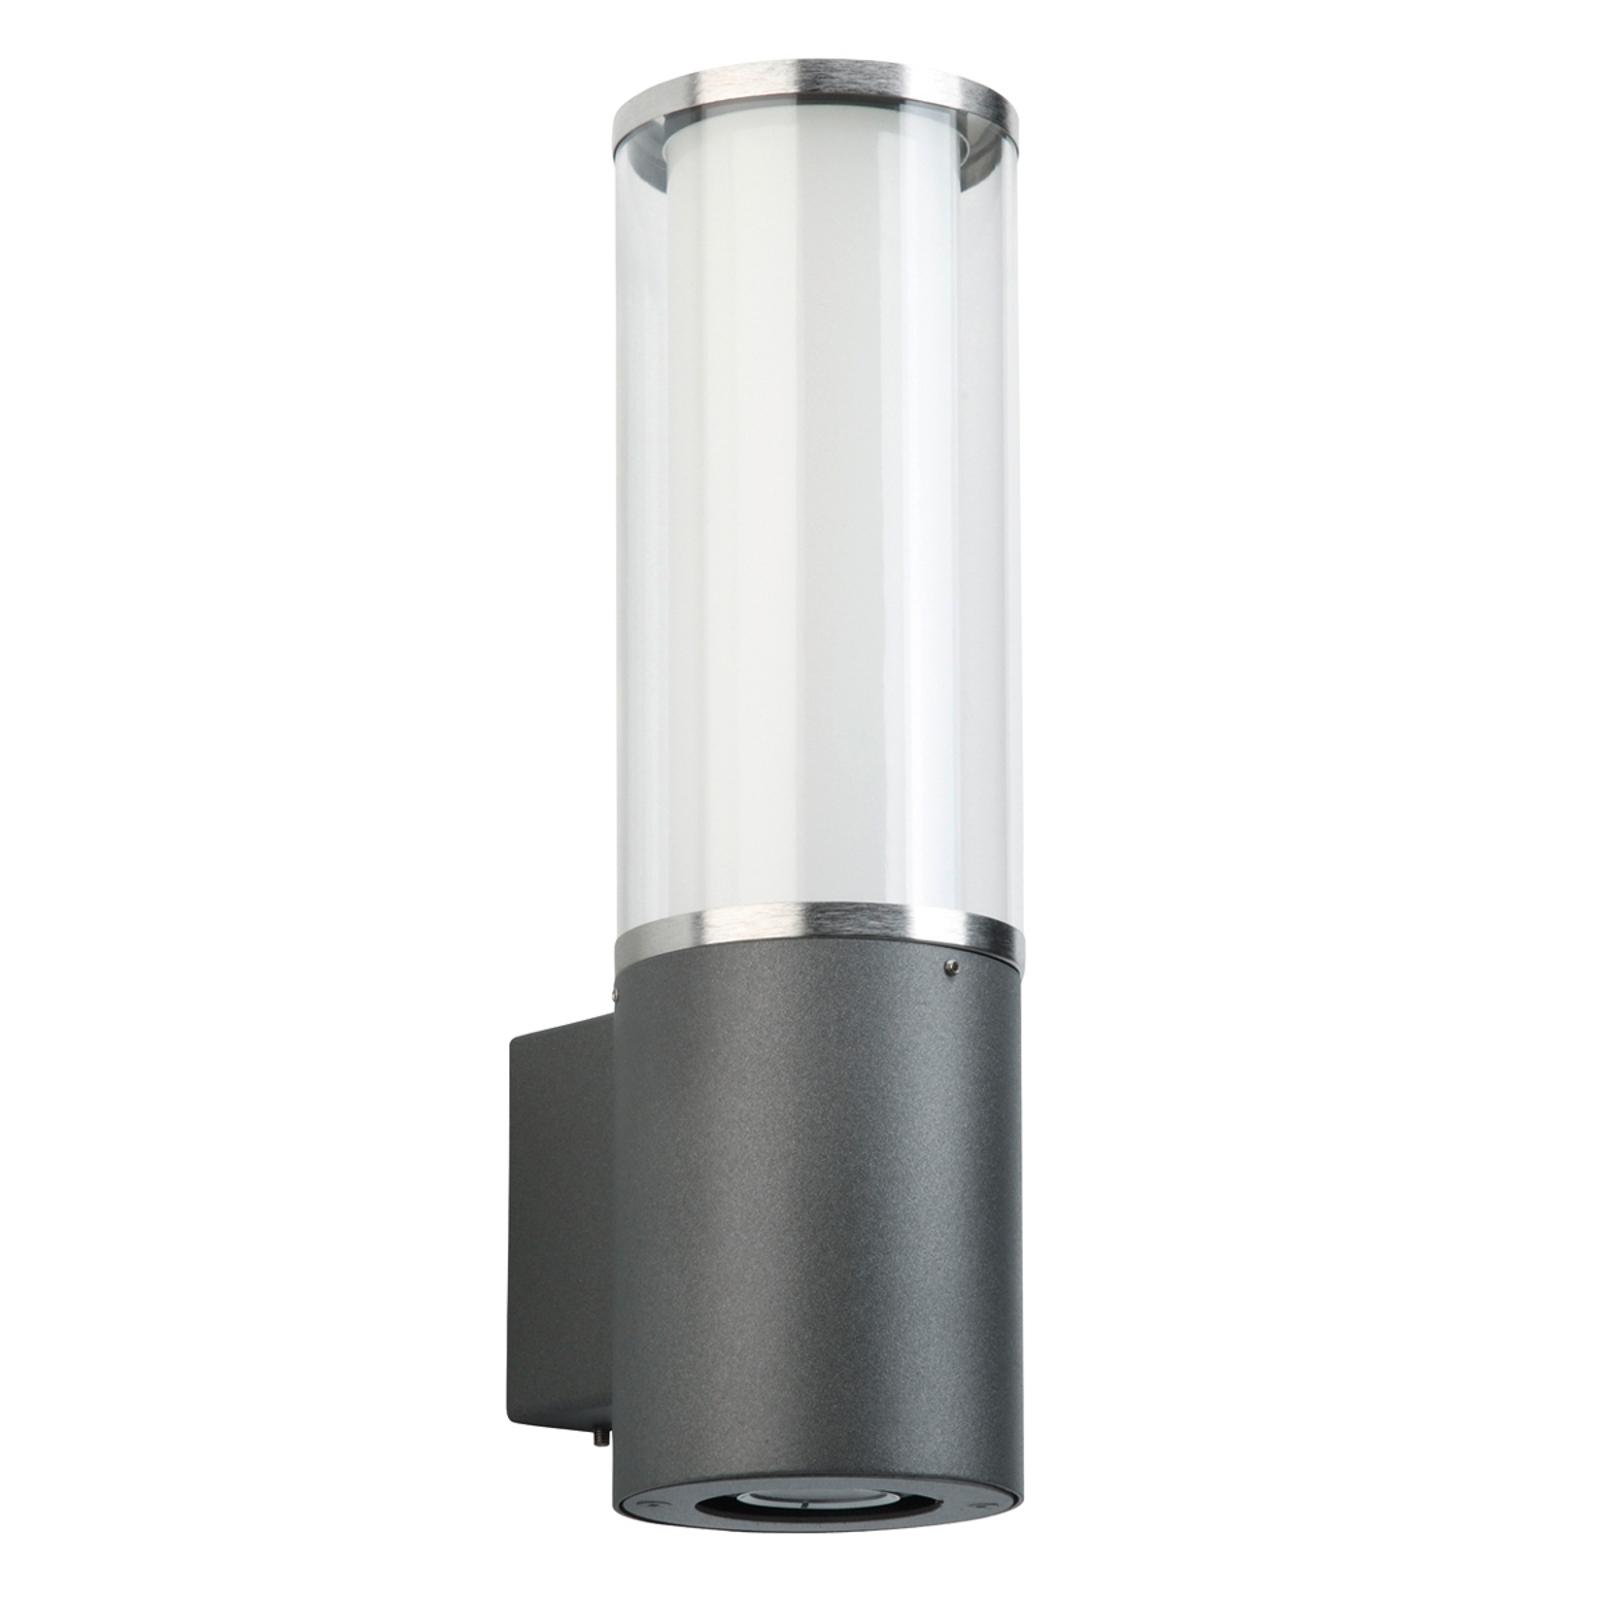 Applique d'extérieur Elettra avec projecteur